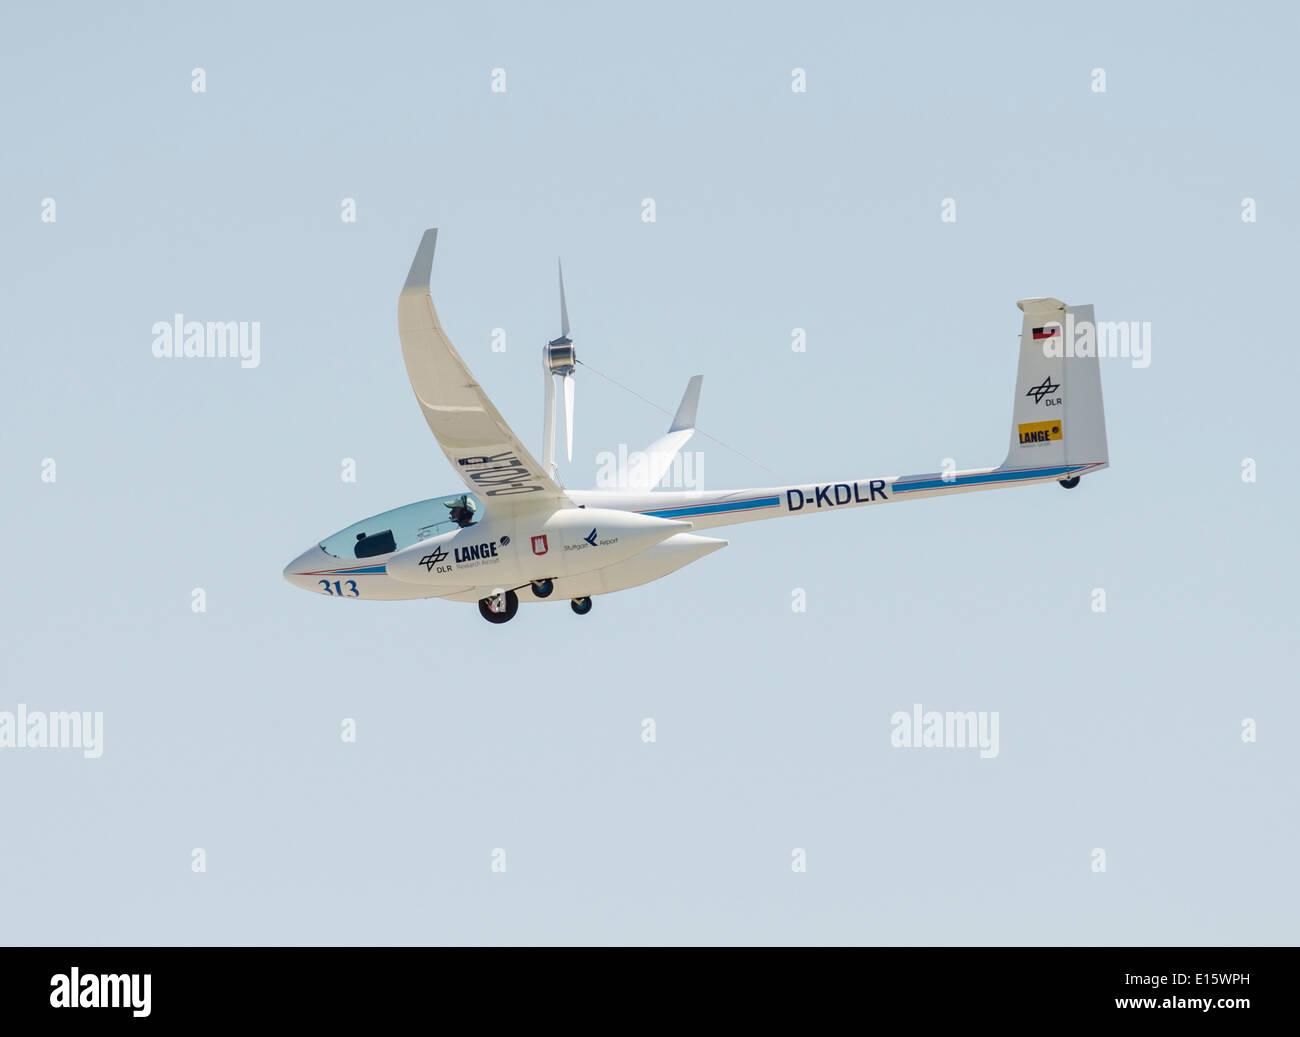 Antares DLR-H2 de pila de combustible en vuelo de avión. Primer avión tripulado girando sobre la potencia Imagen De Stock